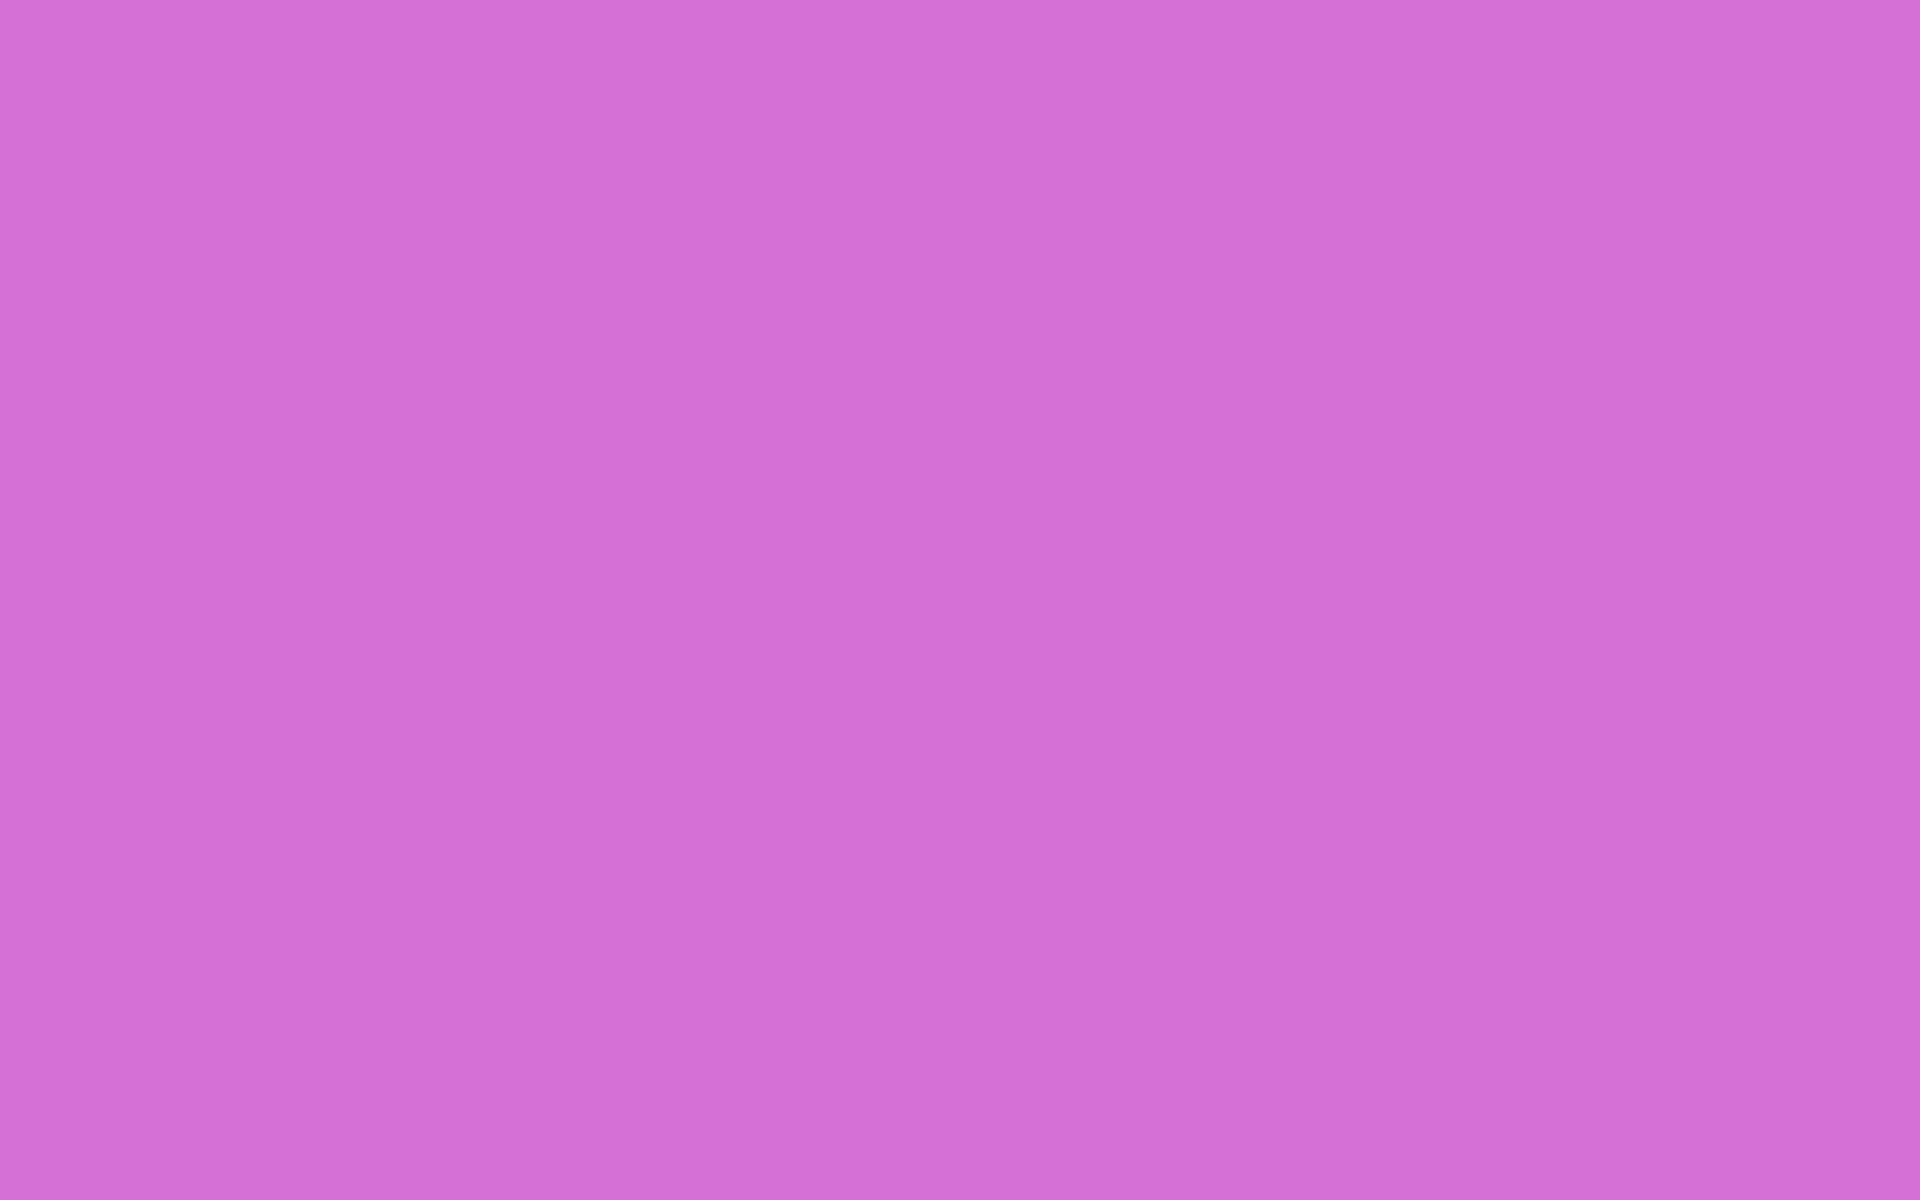 1920x1200 Deep Mauve Solid Color Background